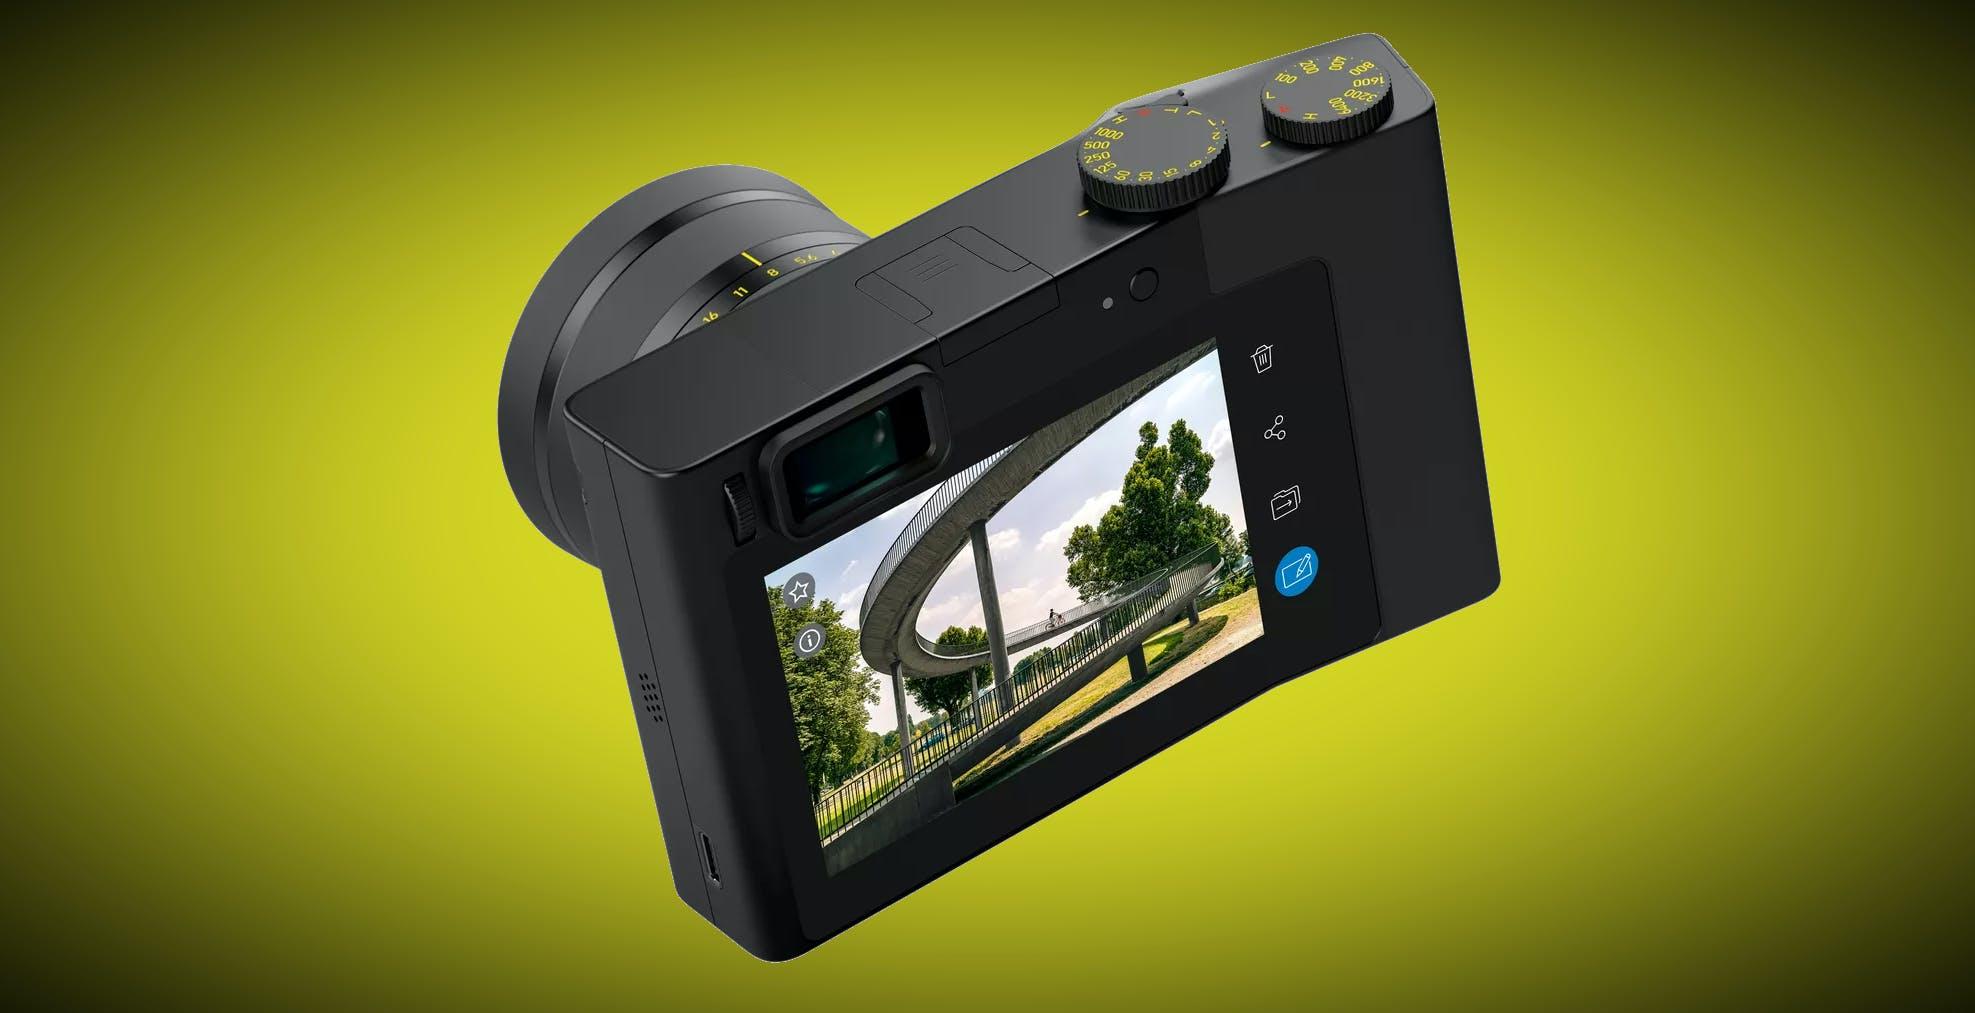 Le vedove della Galaxy camera possono ordinare la nuova fotocamera Zeiss con Android a bordo. Servono 6000 dollari